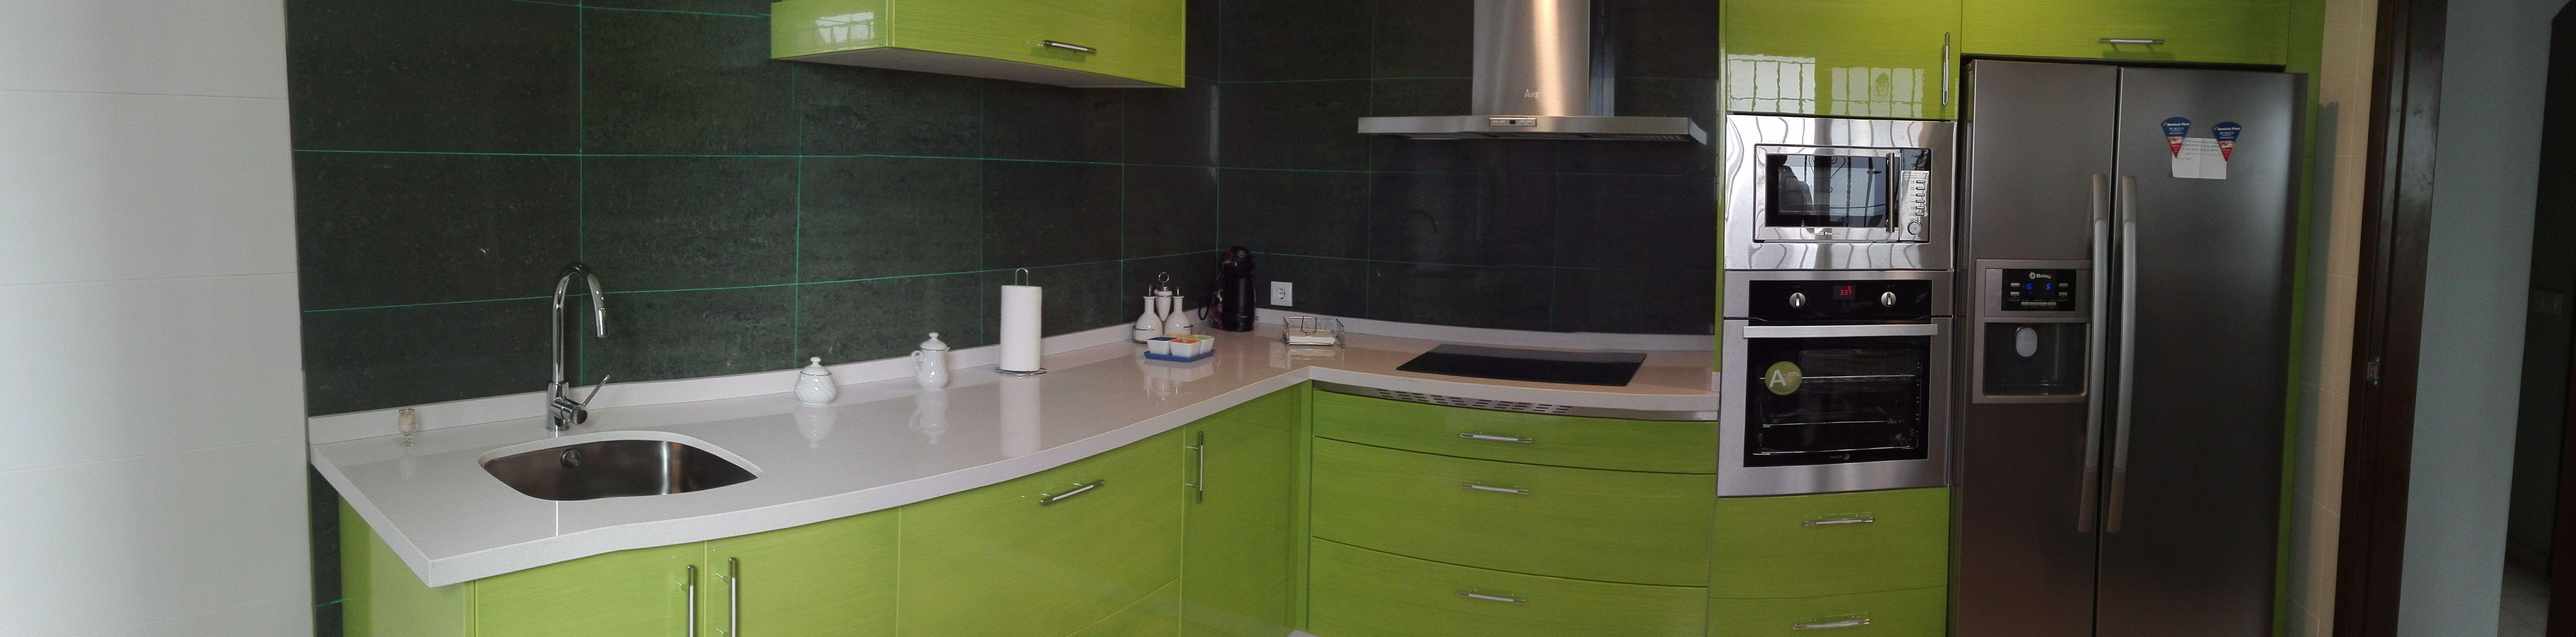 Foto 53 de Muebles de baño y cocina en Pozoblanco   Muebles de Cocina MYDO